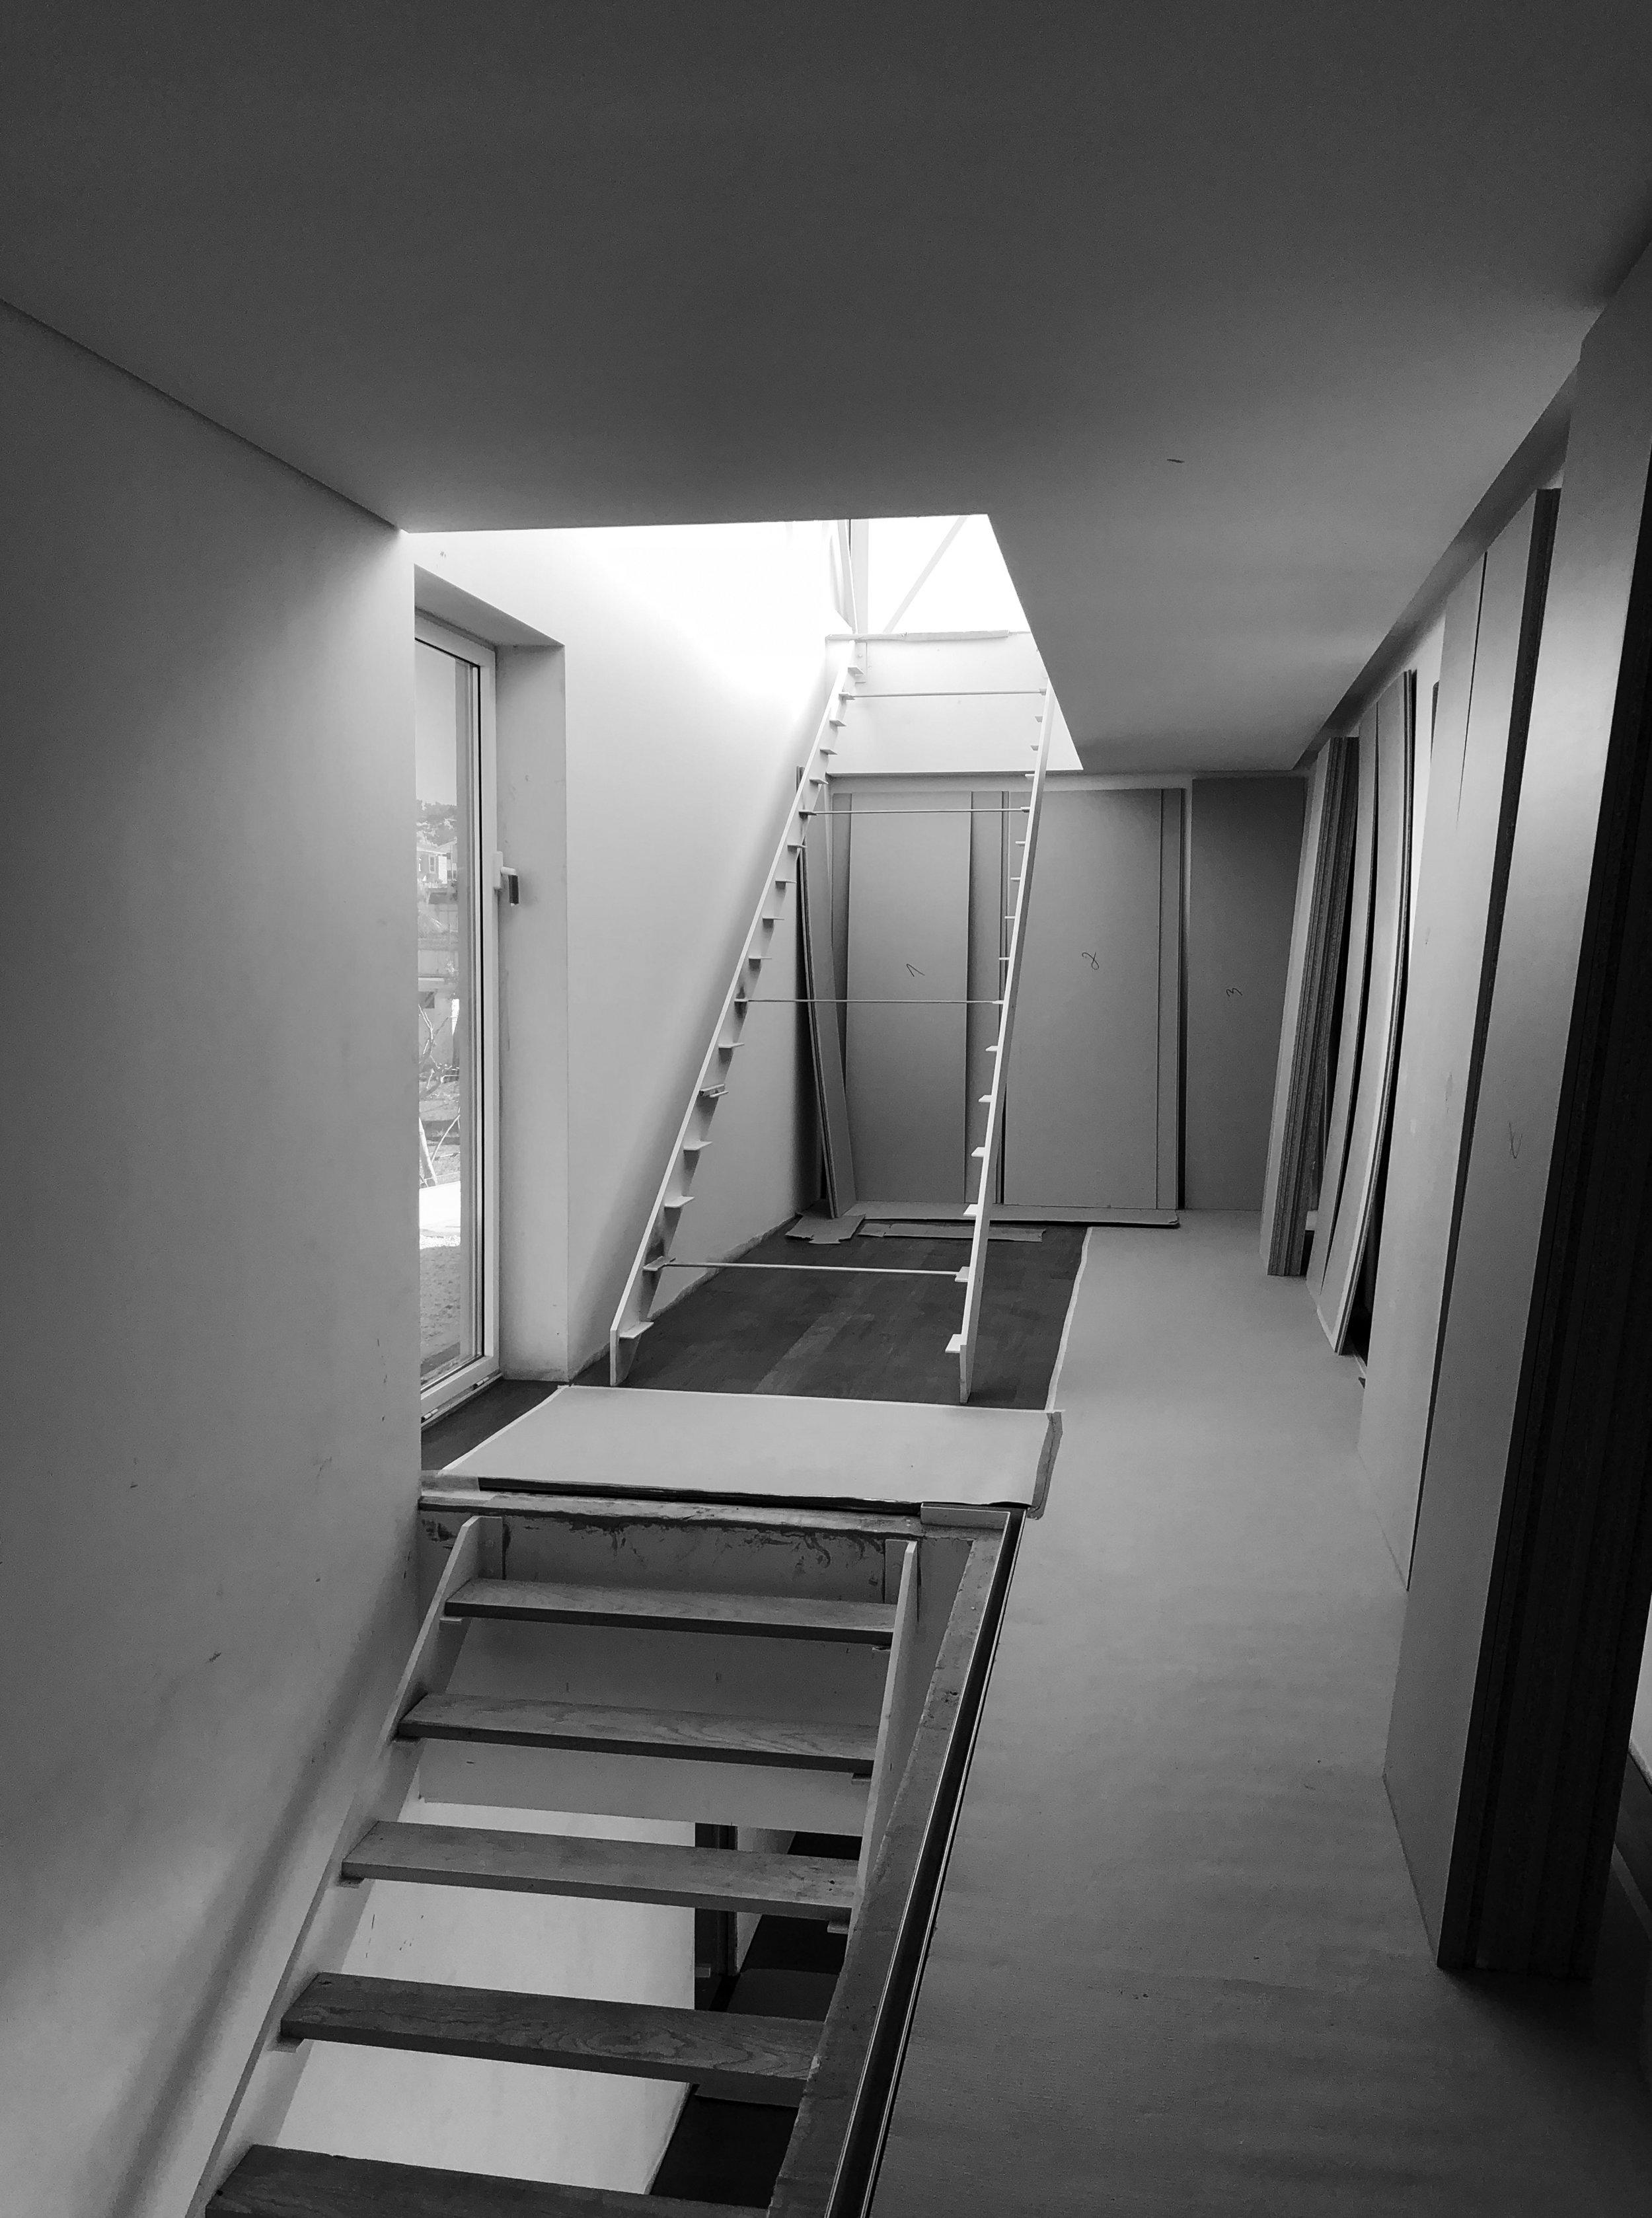 Moradia Alfazema - EVA evolutionary architecture - arquitetura - habitação - vila nova gaia  (36).jpg